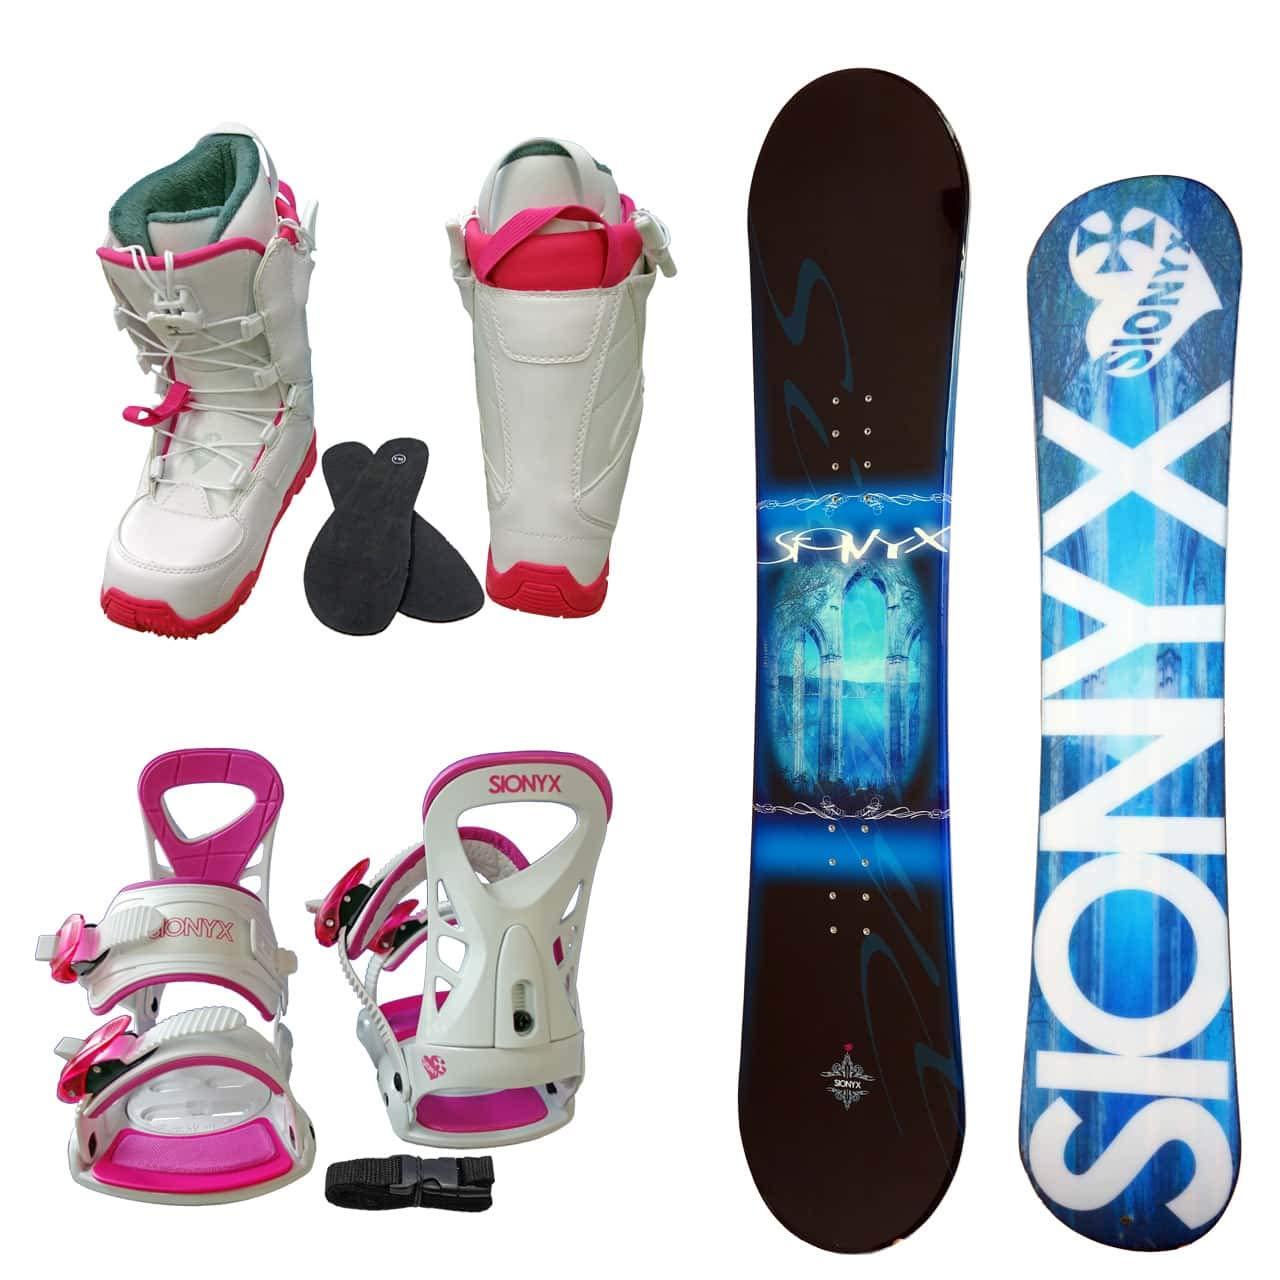 SIONYX レディース スノーボード3点セット スノボー+バインディング+クイックシューレースブーツ MONTE B07JKDMSGF ボード 140+boots 23.0|ボード サックス+binding ホワイト+boots ホワイト ボード サックス+binding ホワイト+boots ホワイト ボード 140+boots 23.0